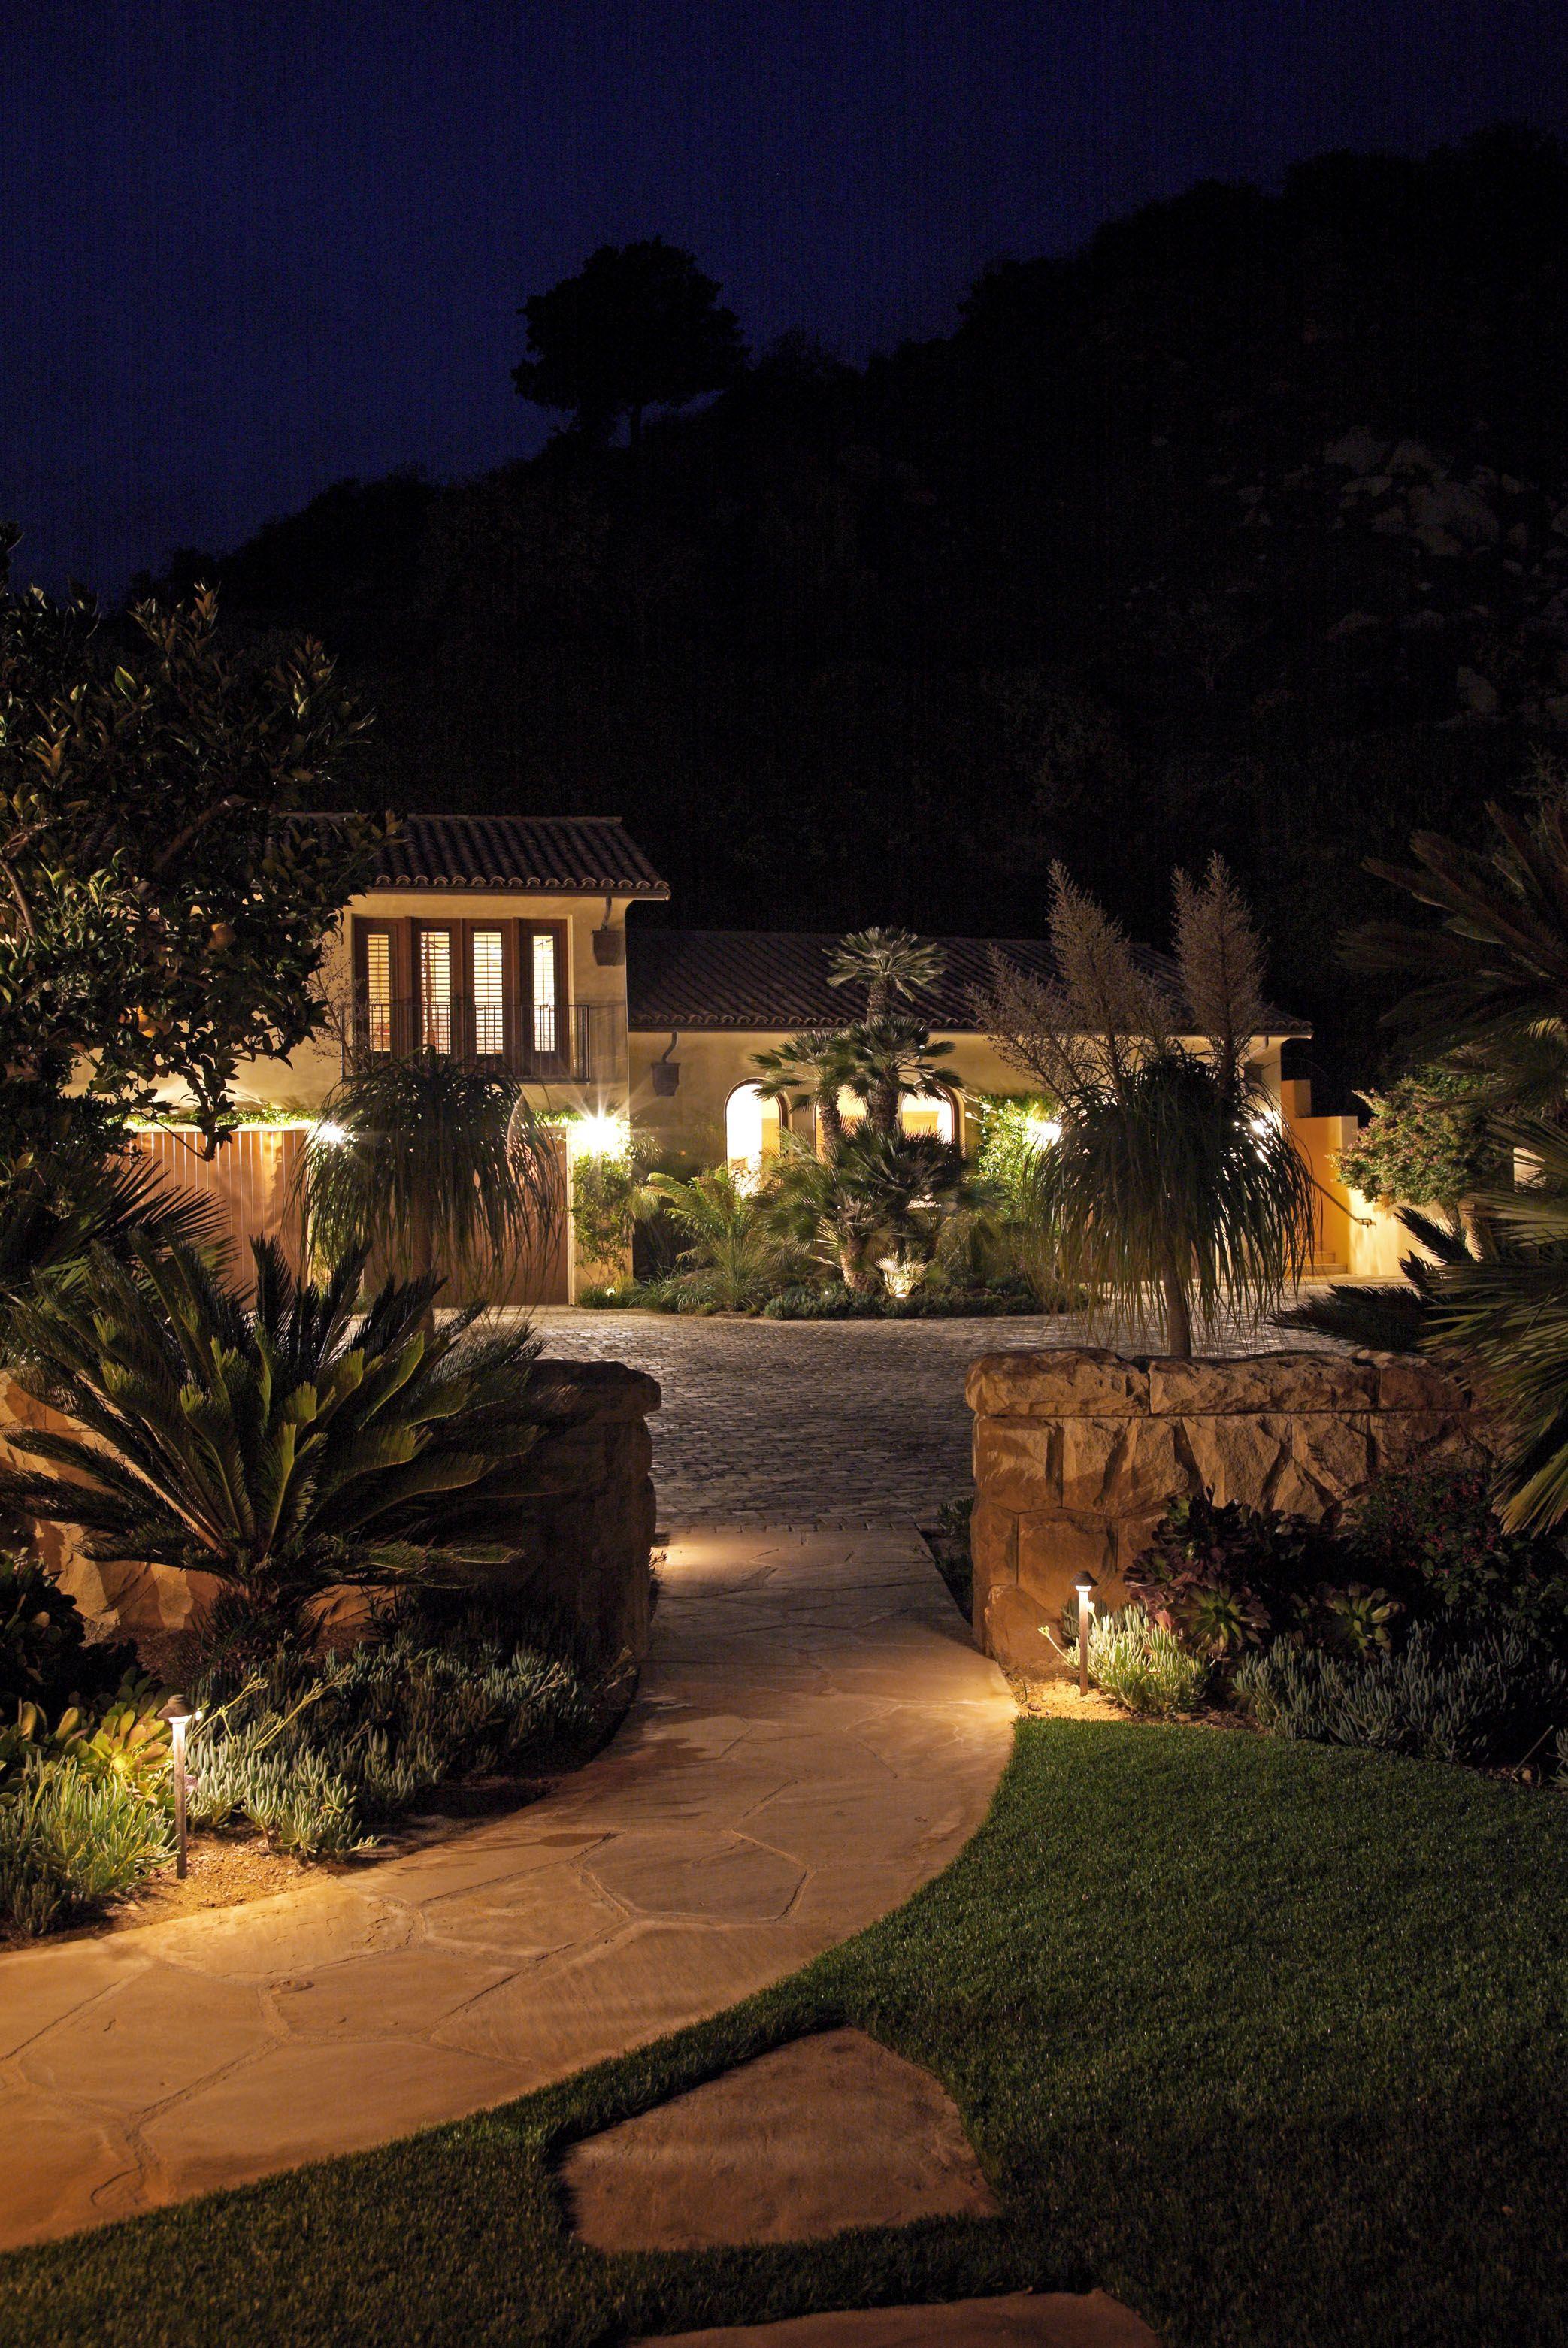 Vacation Home Landscape Lighting Landscape Lighting